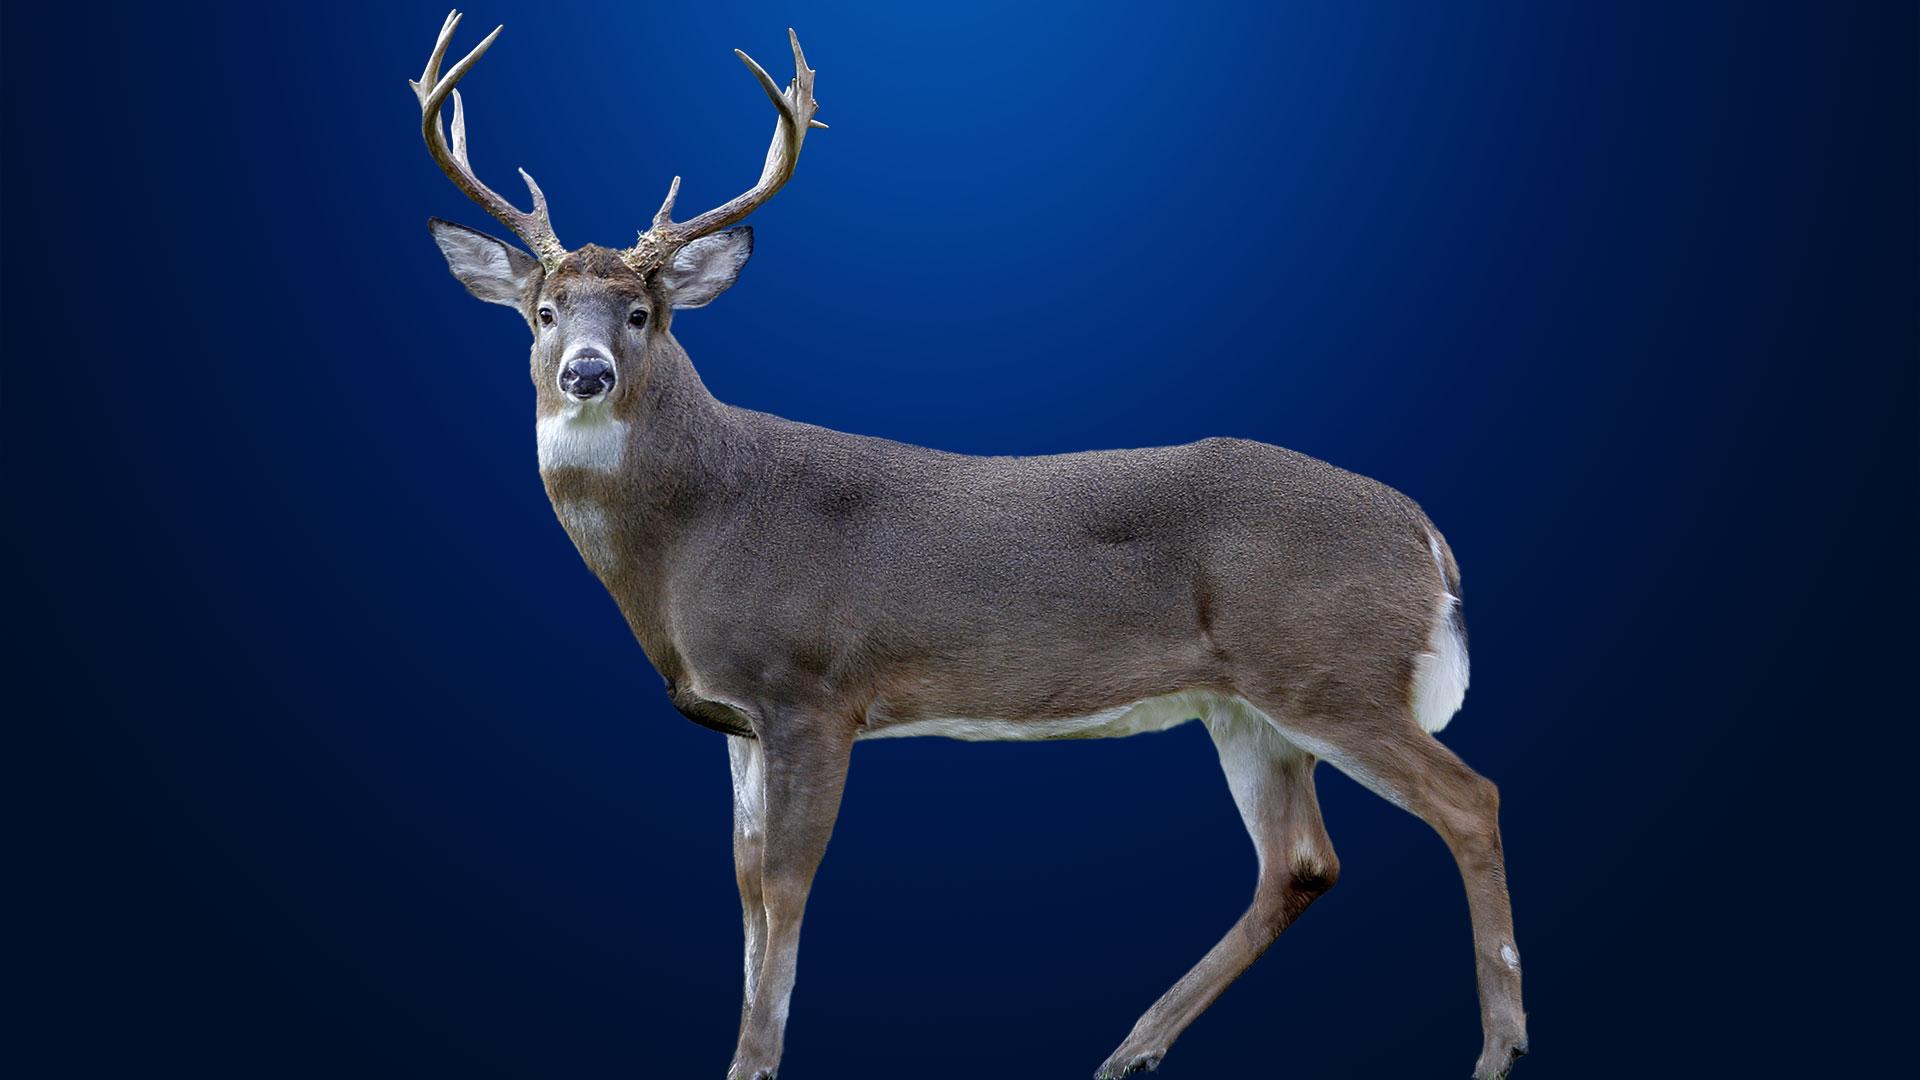 KELO Deer